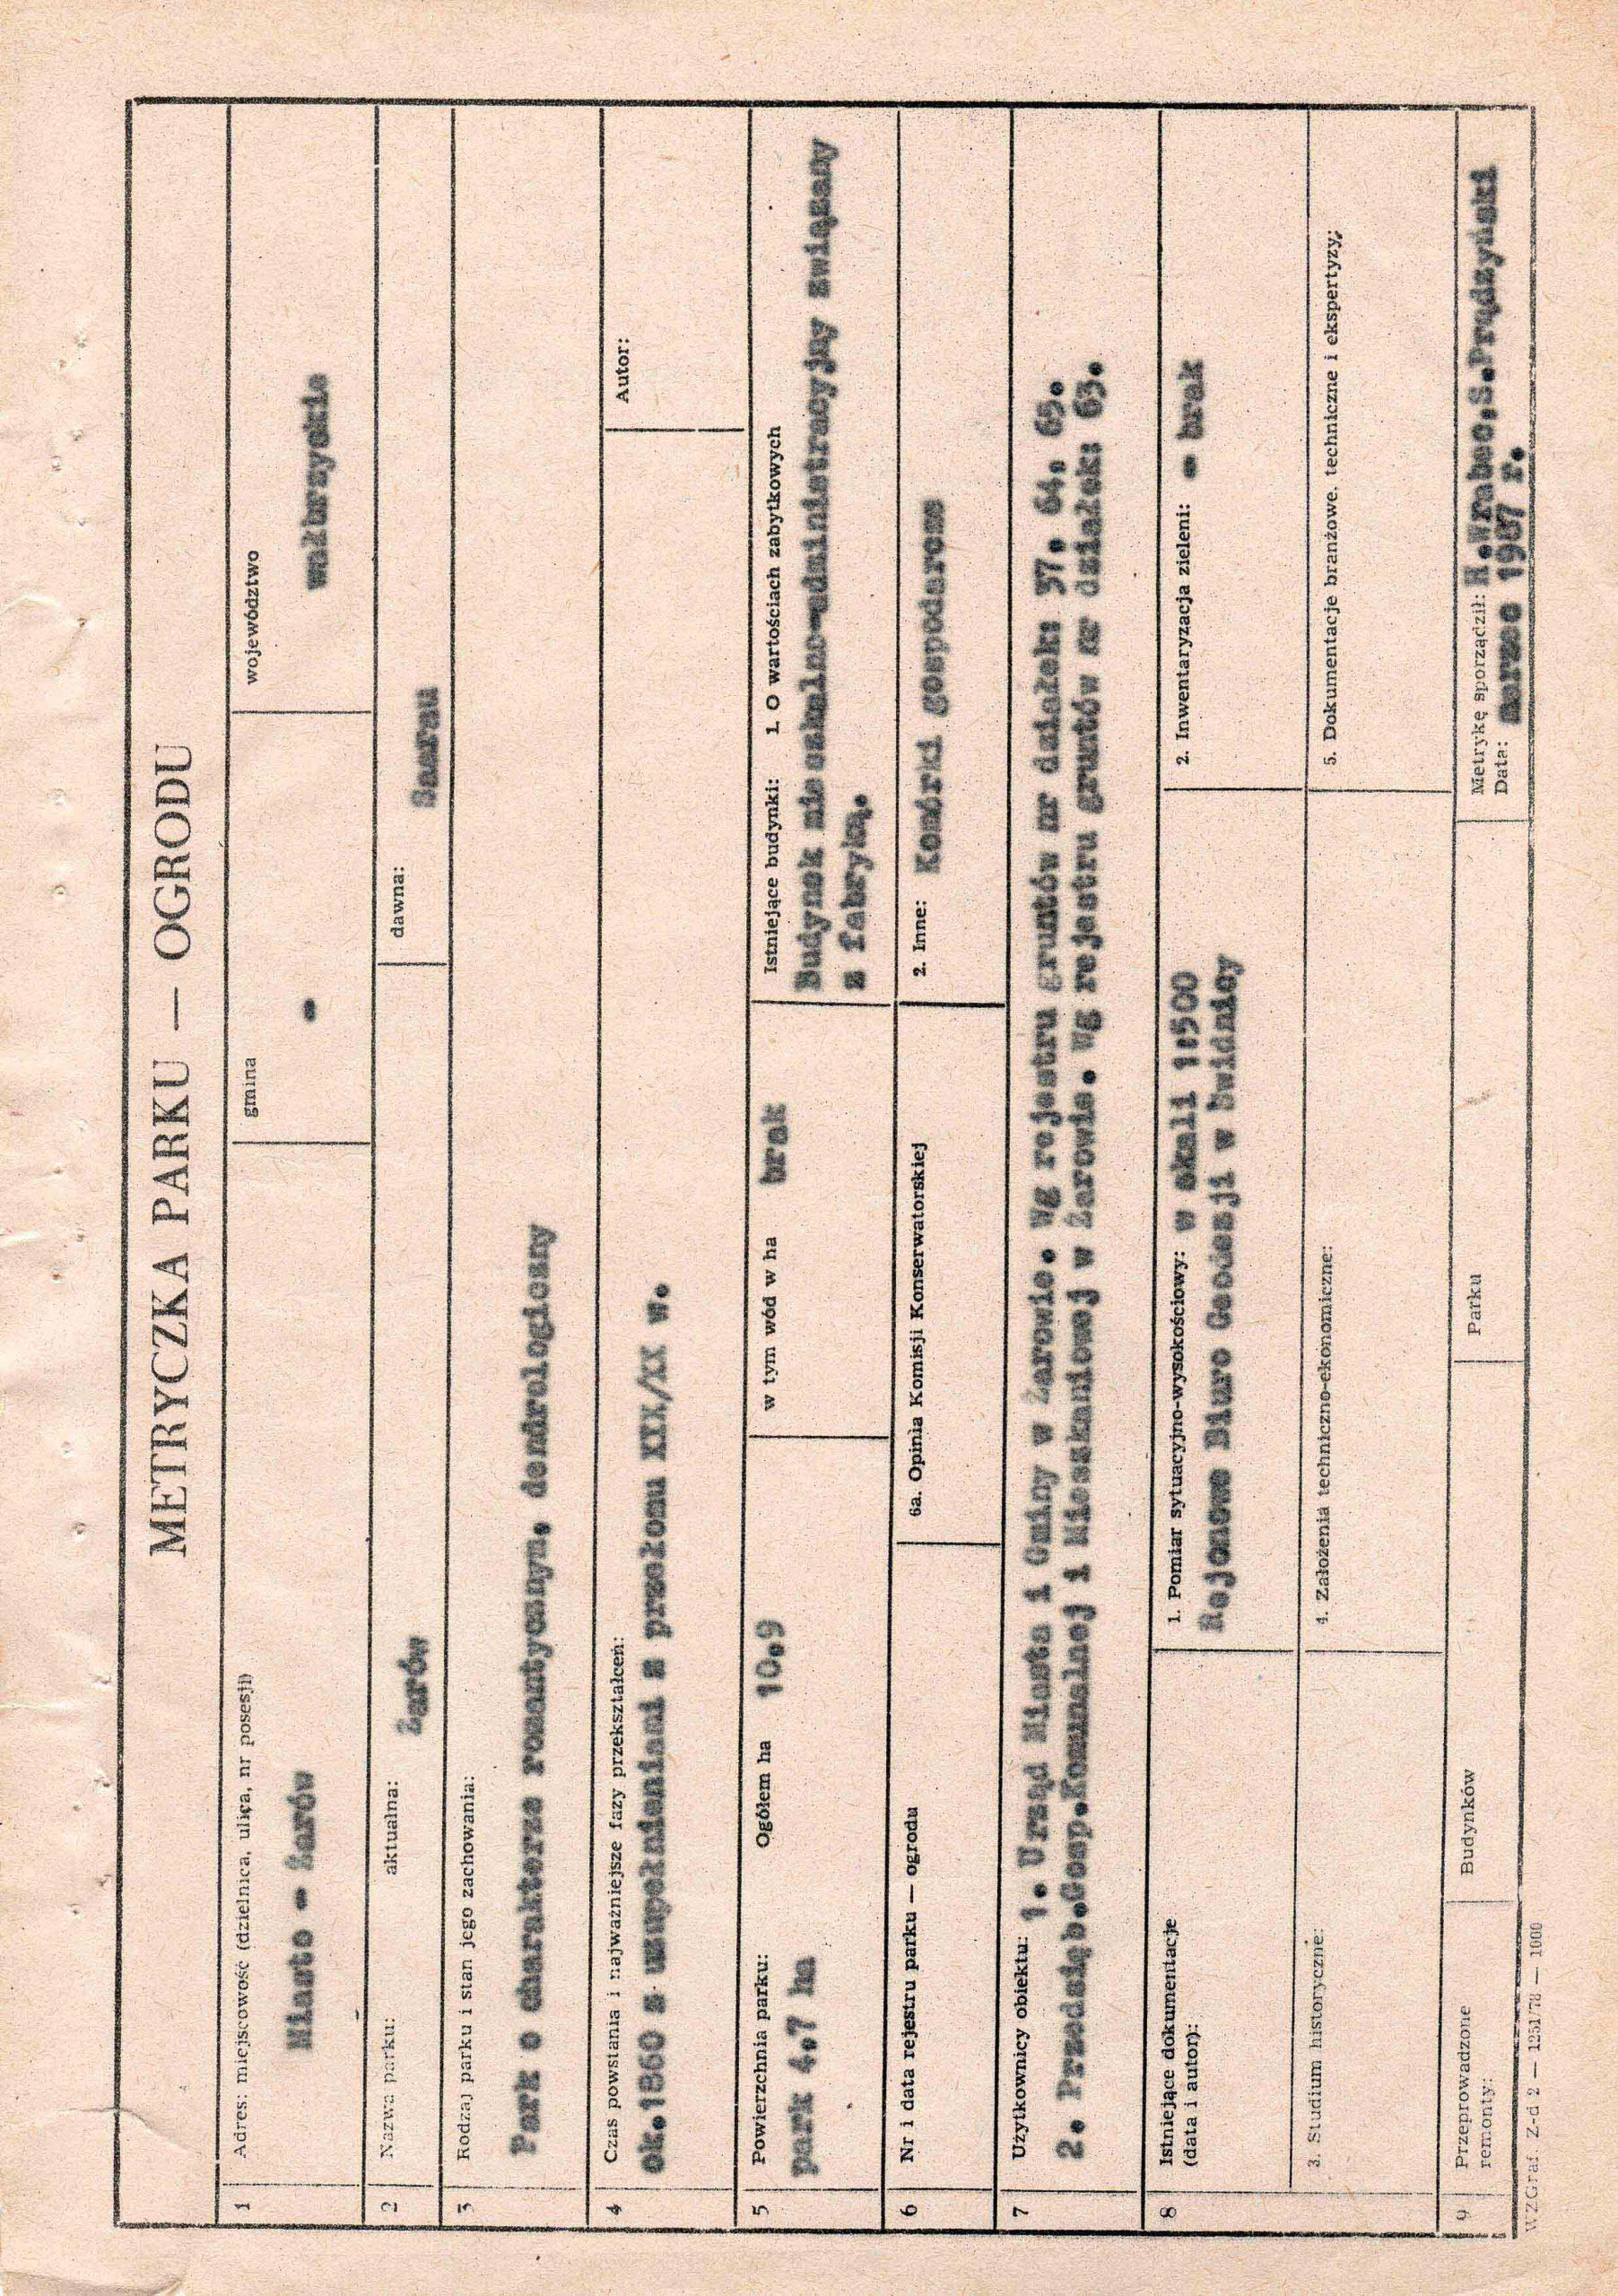 Ewidencja założenia ogrodowo-parkowego 1987 dokument (3)